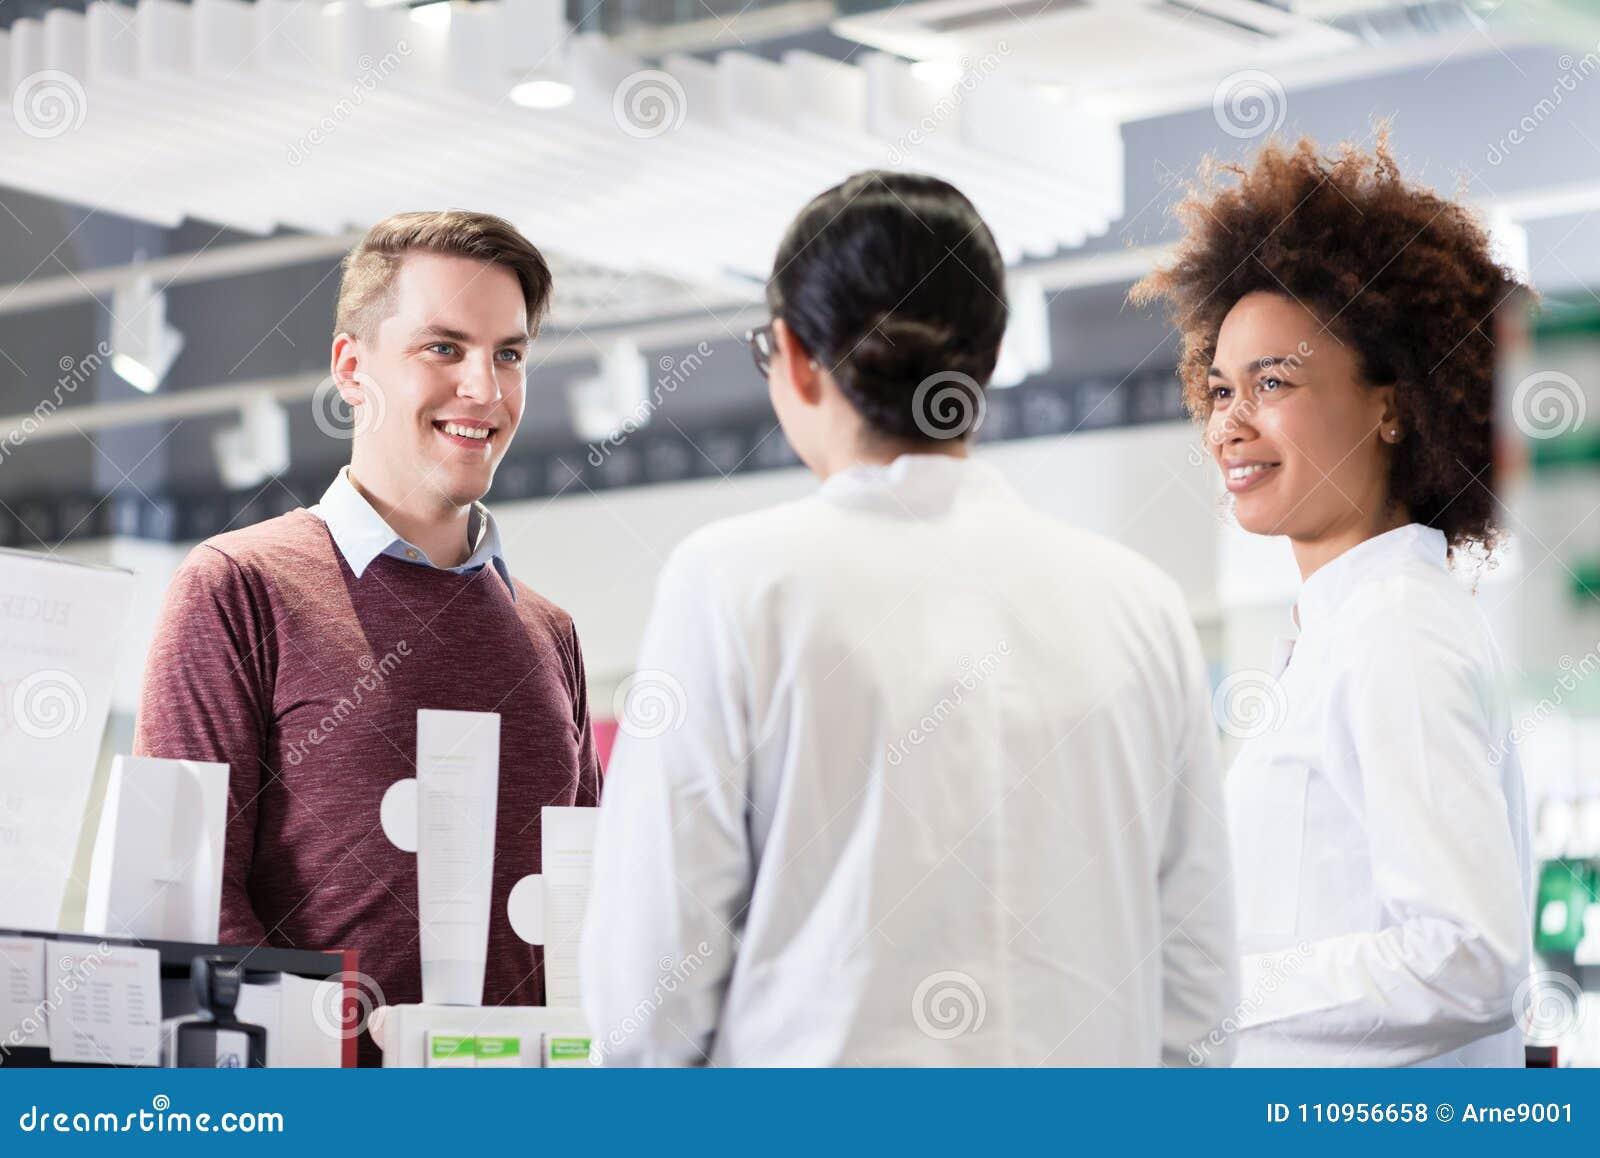 Ευτυχής πελάτης που μιλά με δύο χρήσιμους φαρμακοποιούς σε ένα σύγχρονο φαρμακείο